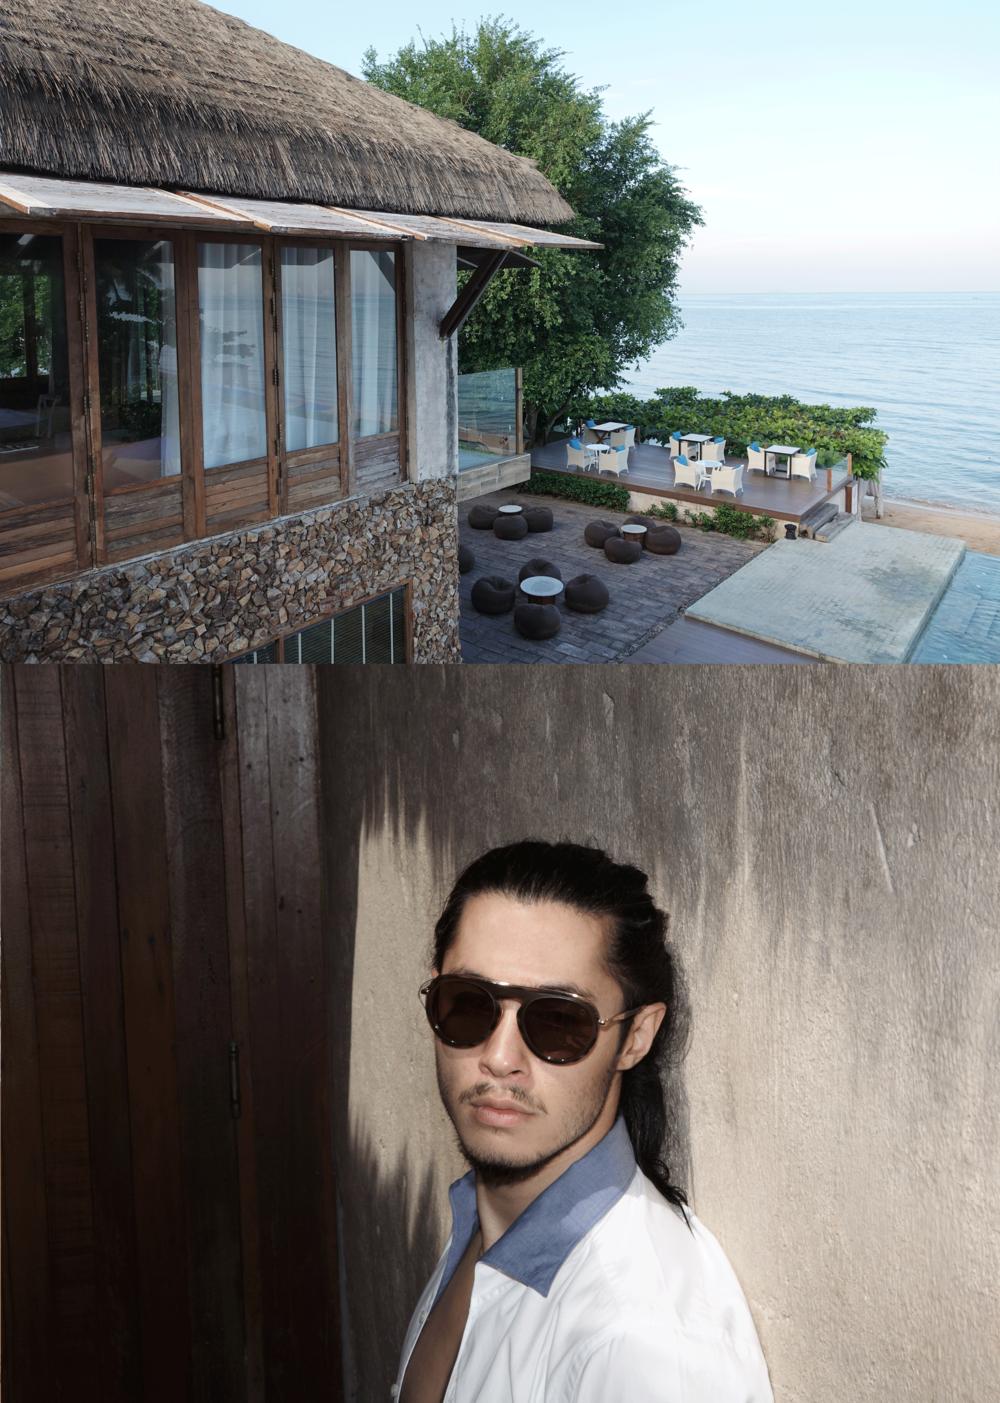 shirt : TIMO / sunglasses : Blake Kuwahara